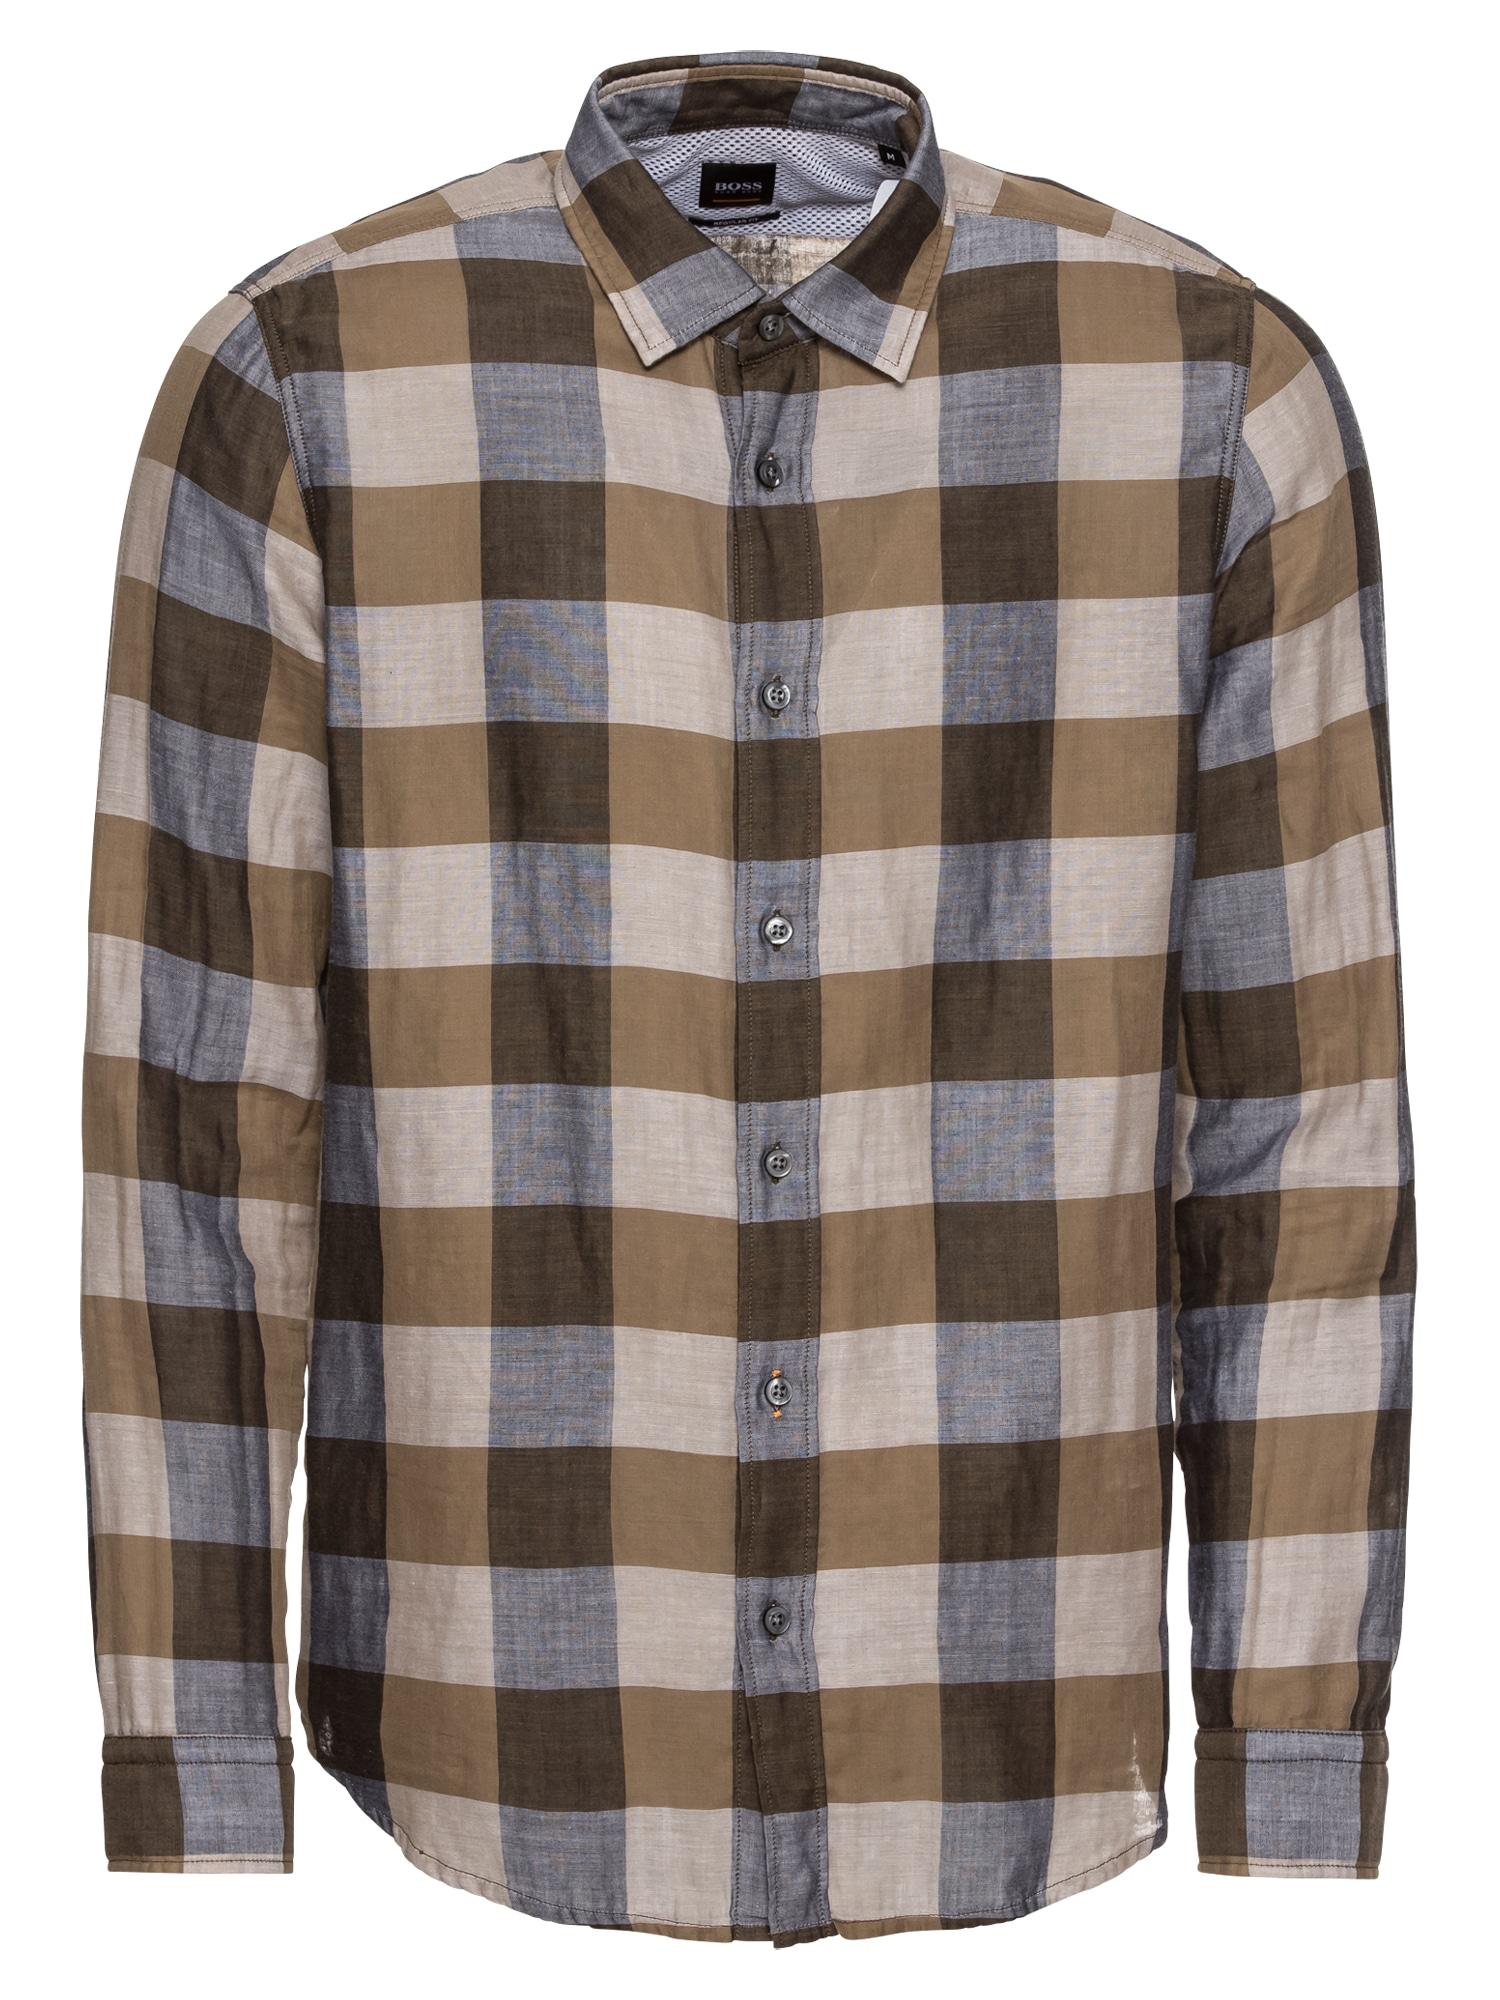 Košile Reggie 10208463 01 béžová světlemodrá hnědá BOSS